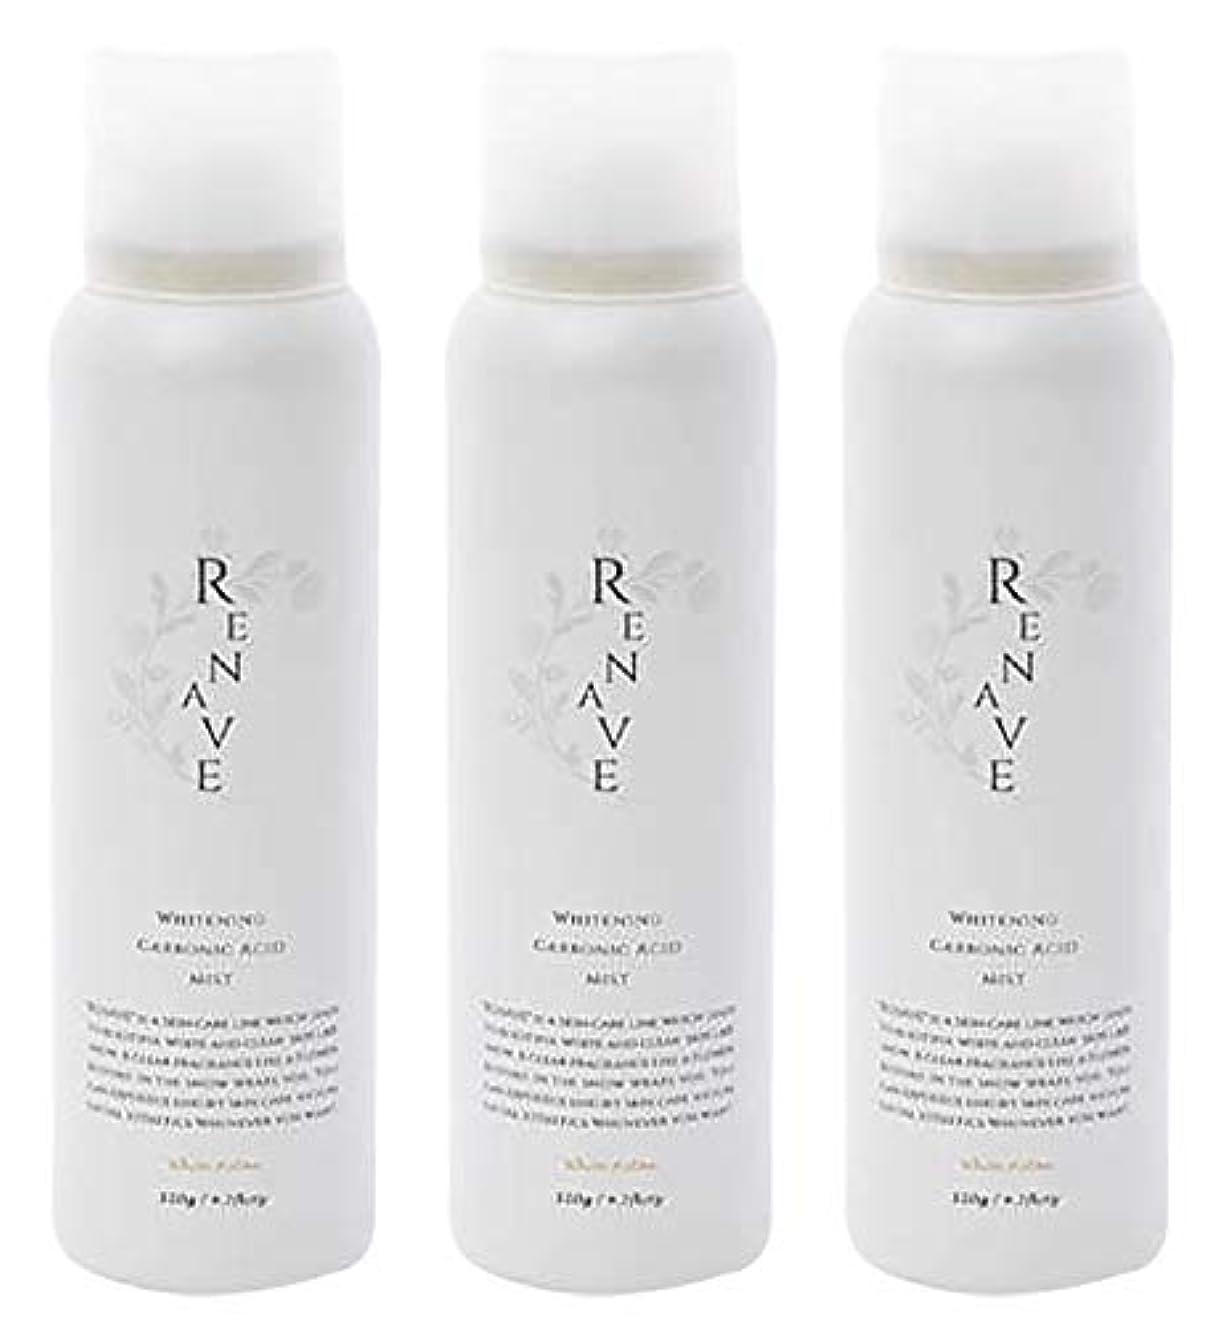 昇進塊シングルRENAVE(リネーヴェ) 高濃度炭酸ミスト 薬用美白化粧水 120ml 3本セット